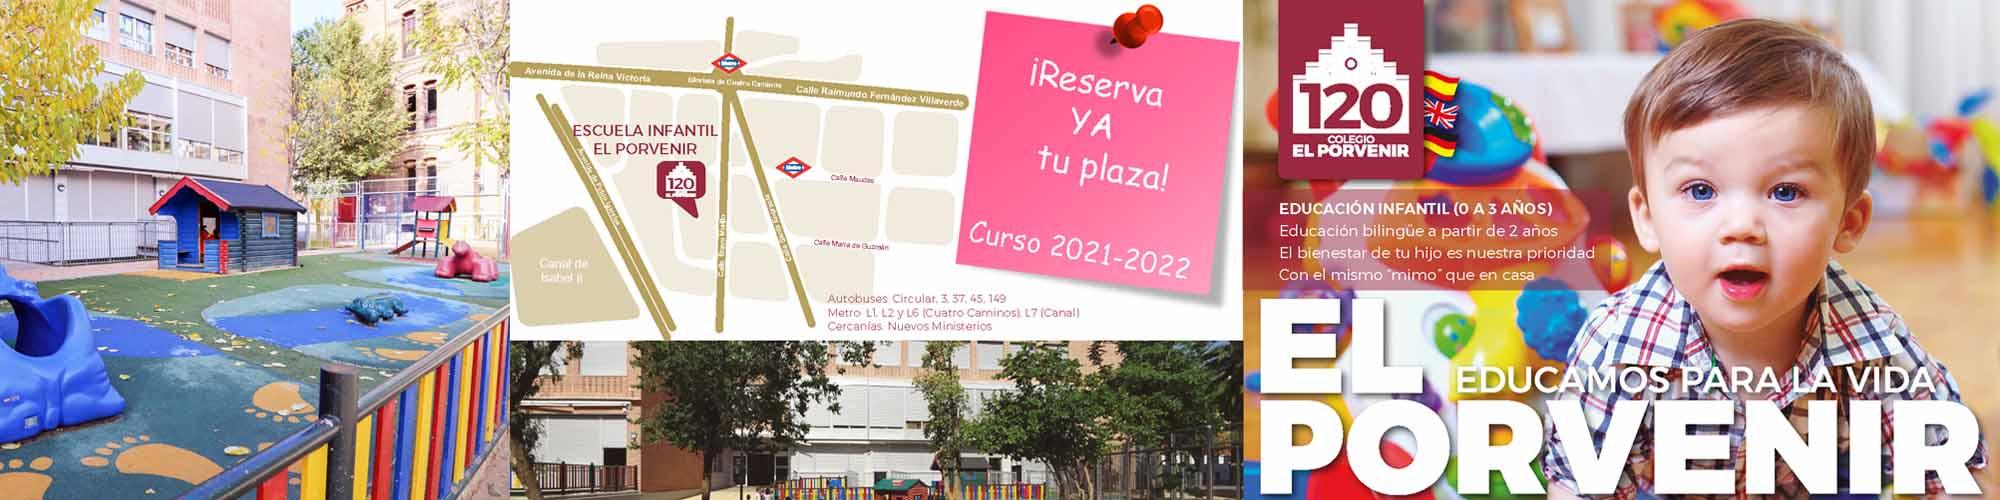 Reserva de plaza 2021-2022 Escuela Infantil Guardería El Porvenir